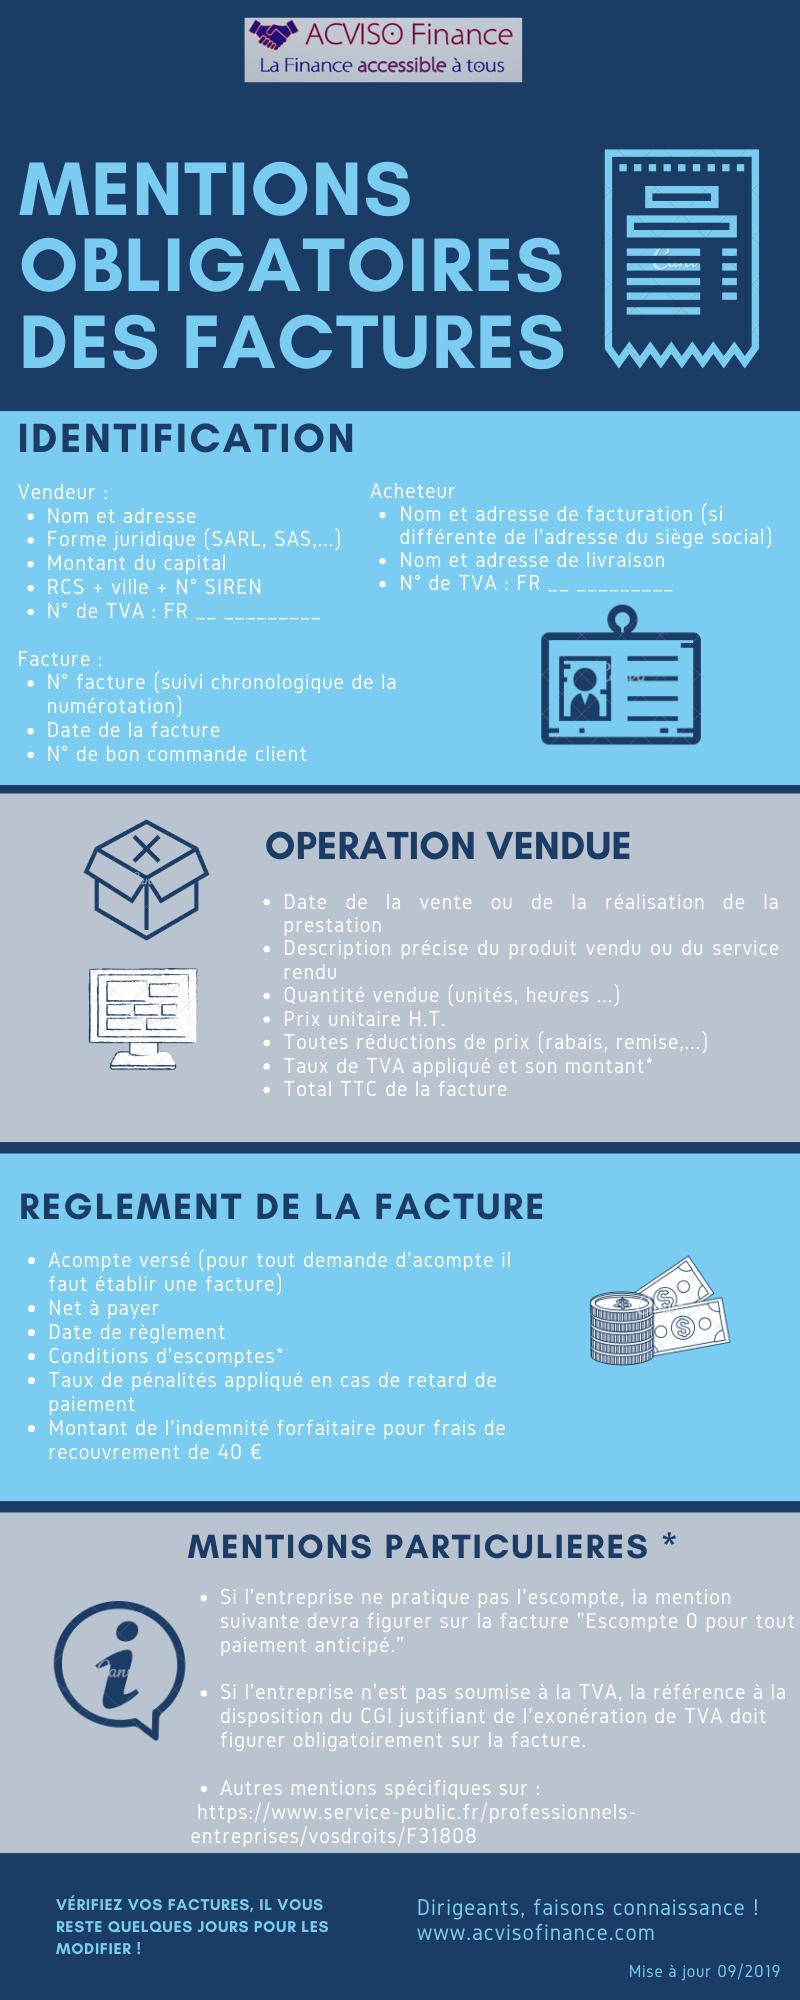 inforgraphie-mentions-obligatoires-des-factures